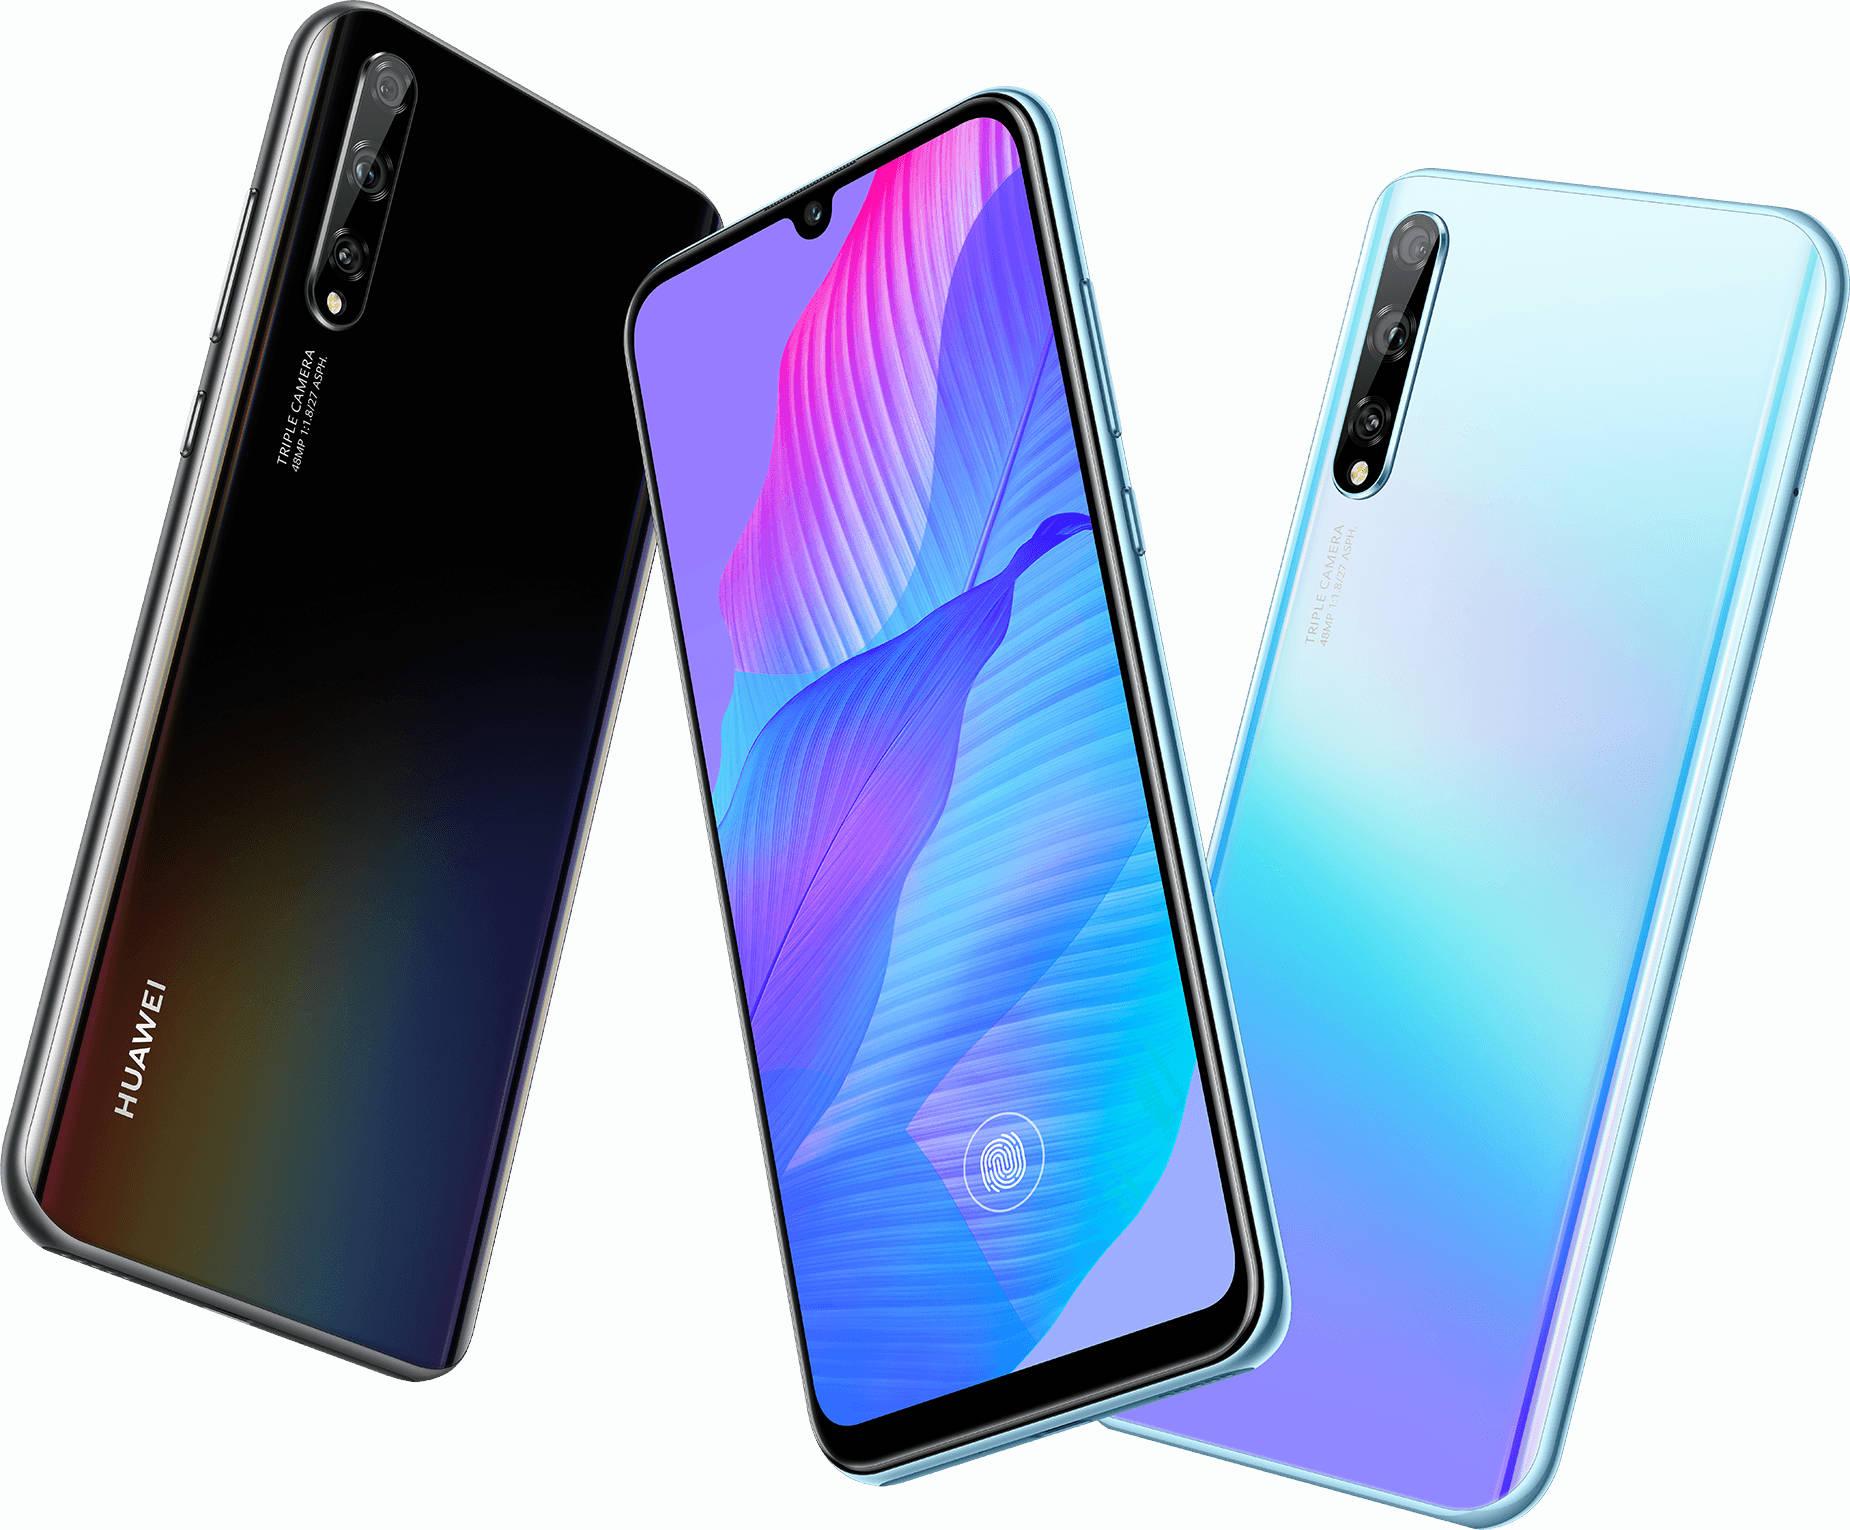 premiera Huawei Y8p cena specyfikacja dane techniczne opinie gdzie kupić najtaniej w Polsce